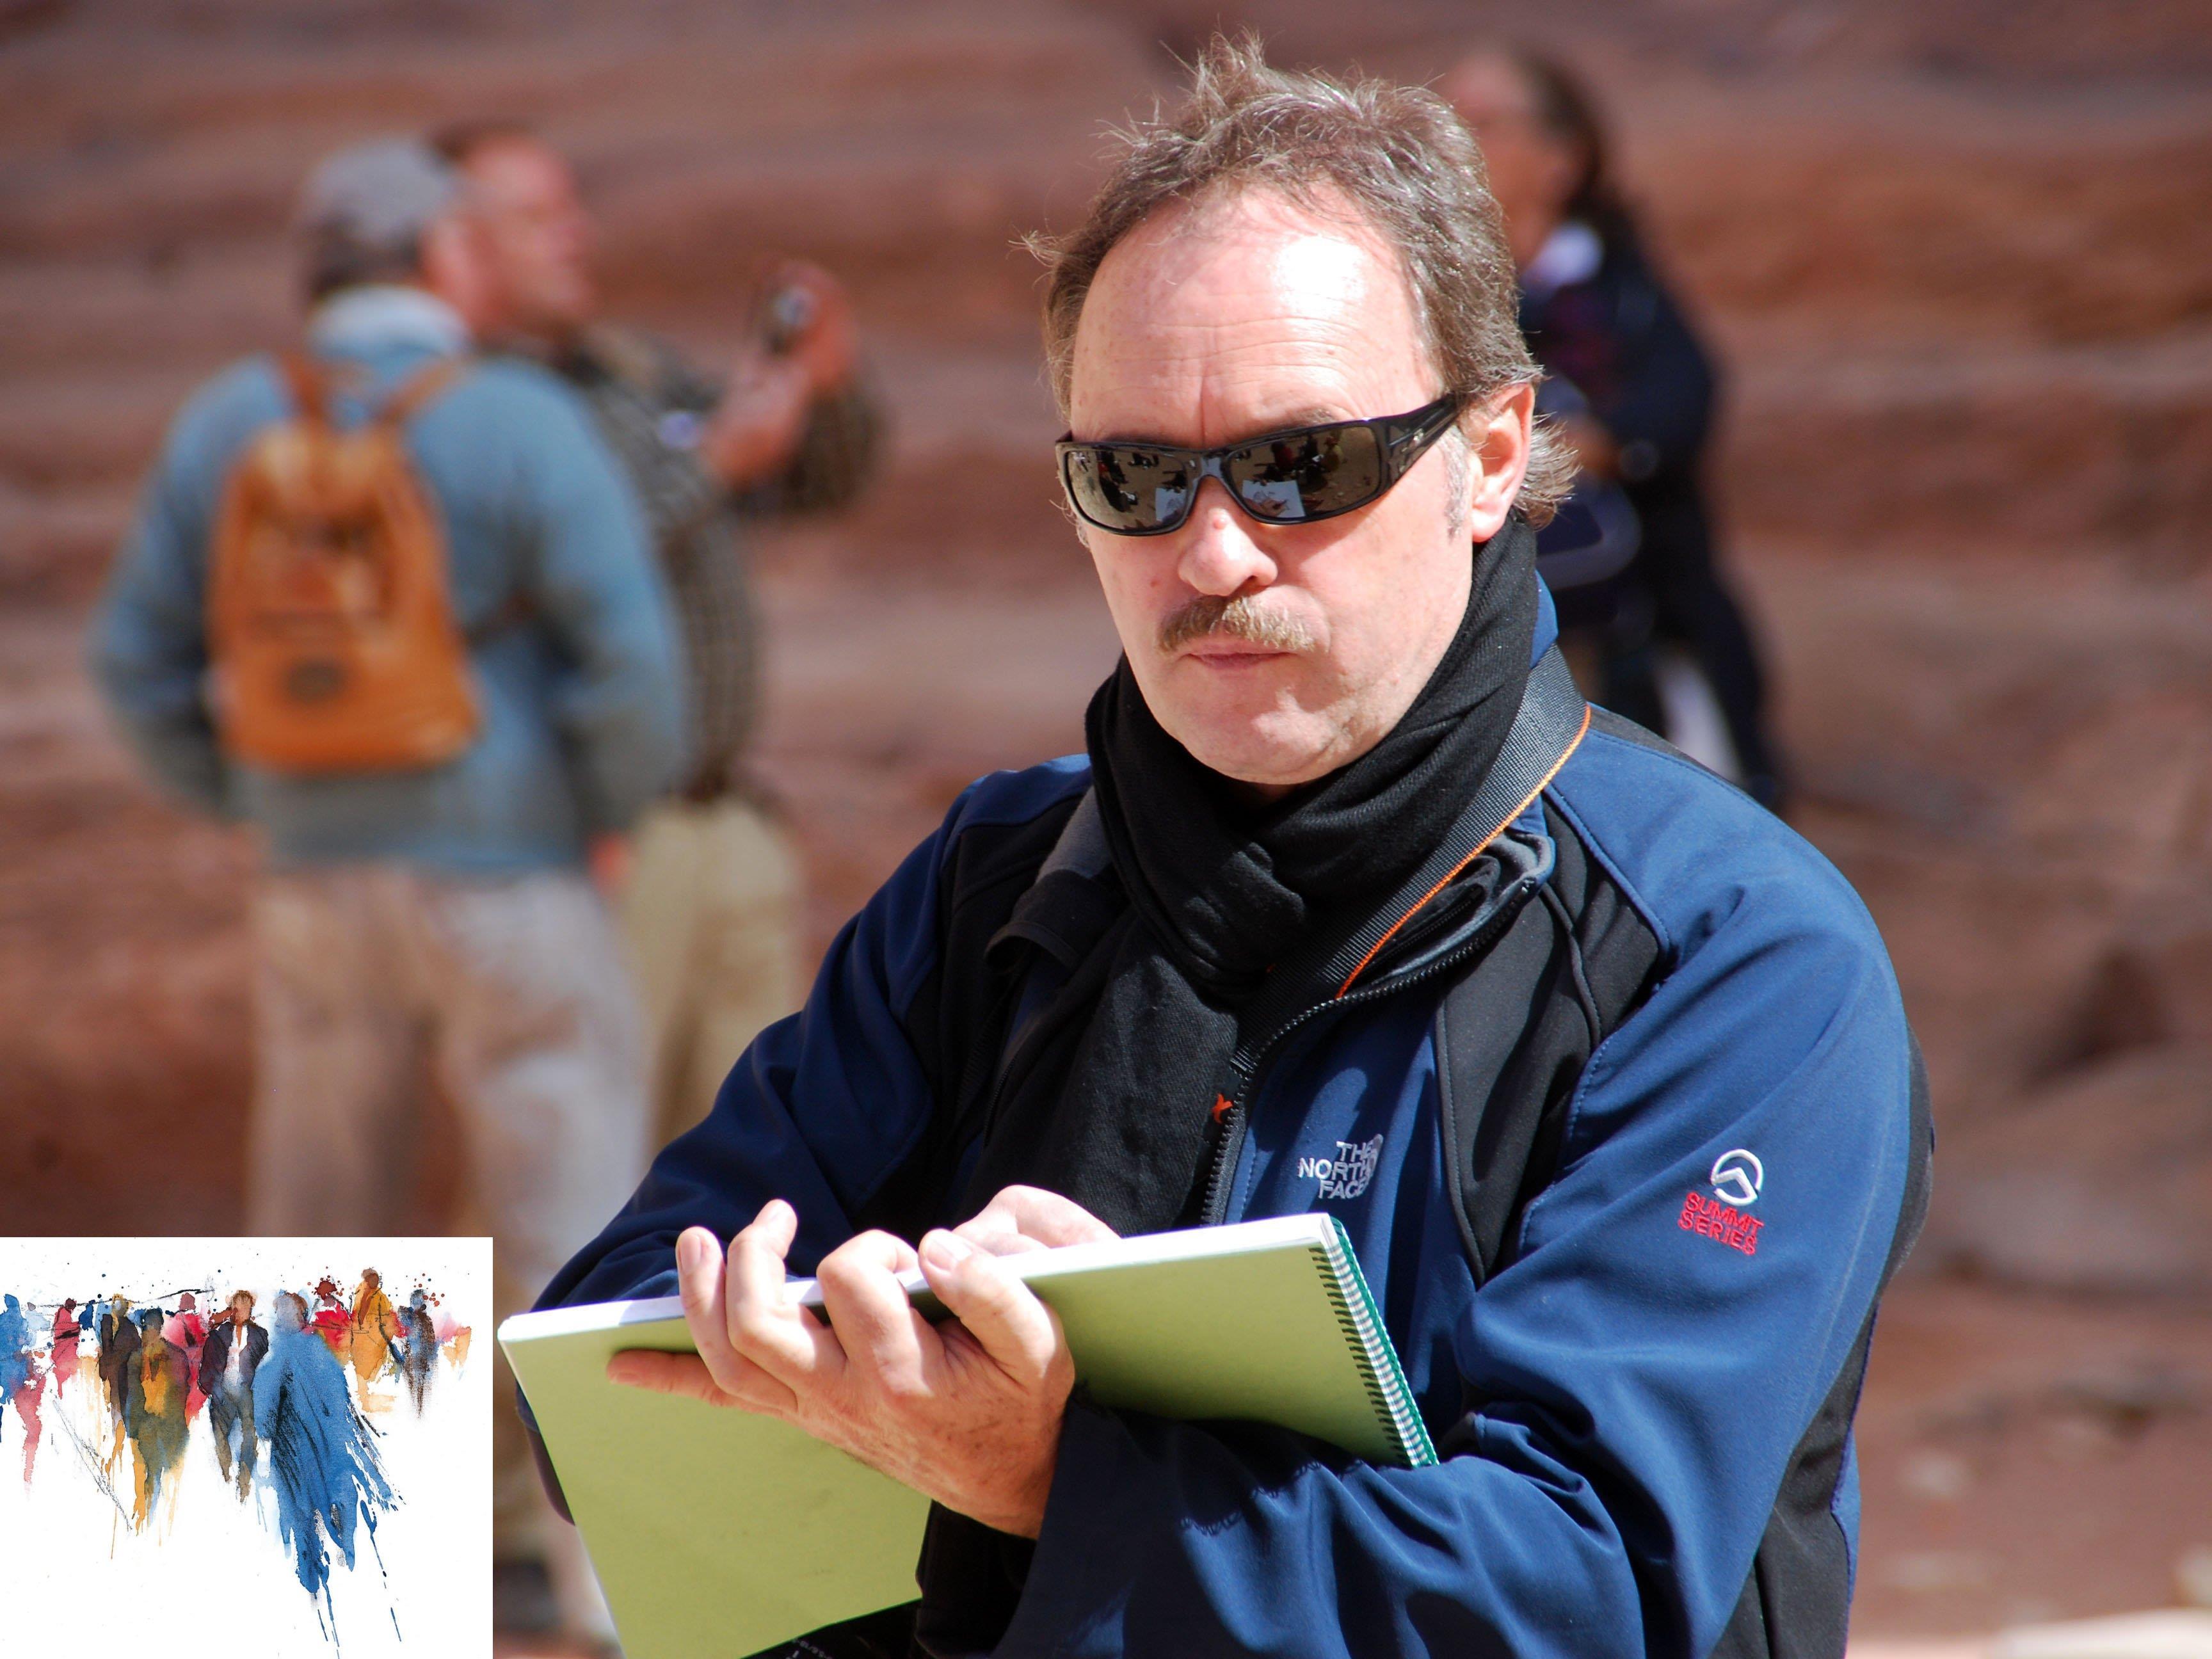 Mangold mit Skizzenblock in Petra, Jordanien. Kl. Bild links: Menschenbilder für Kunstsparbuch.